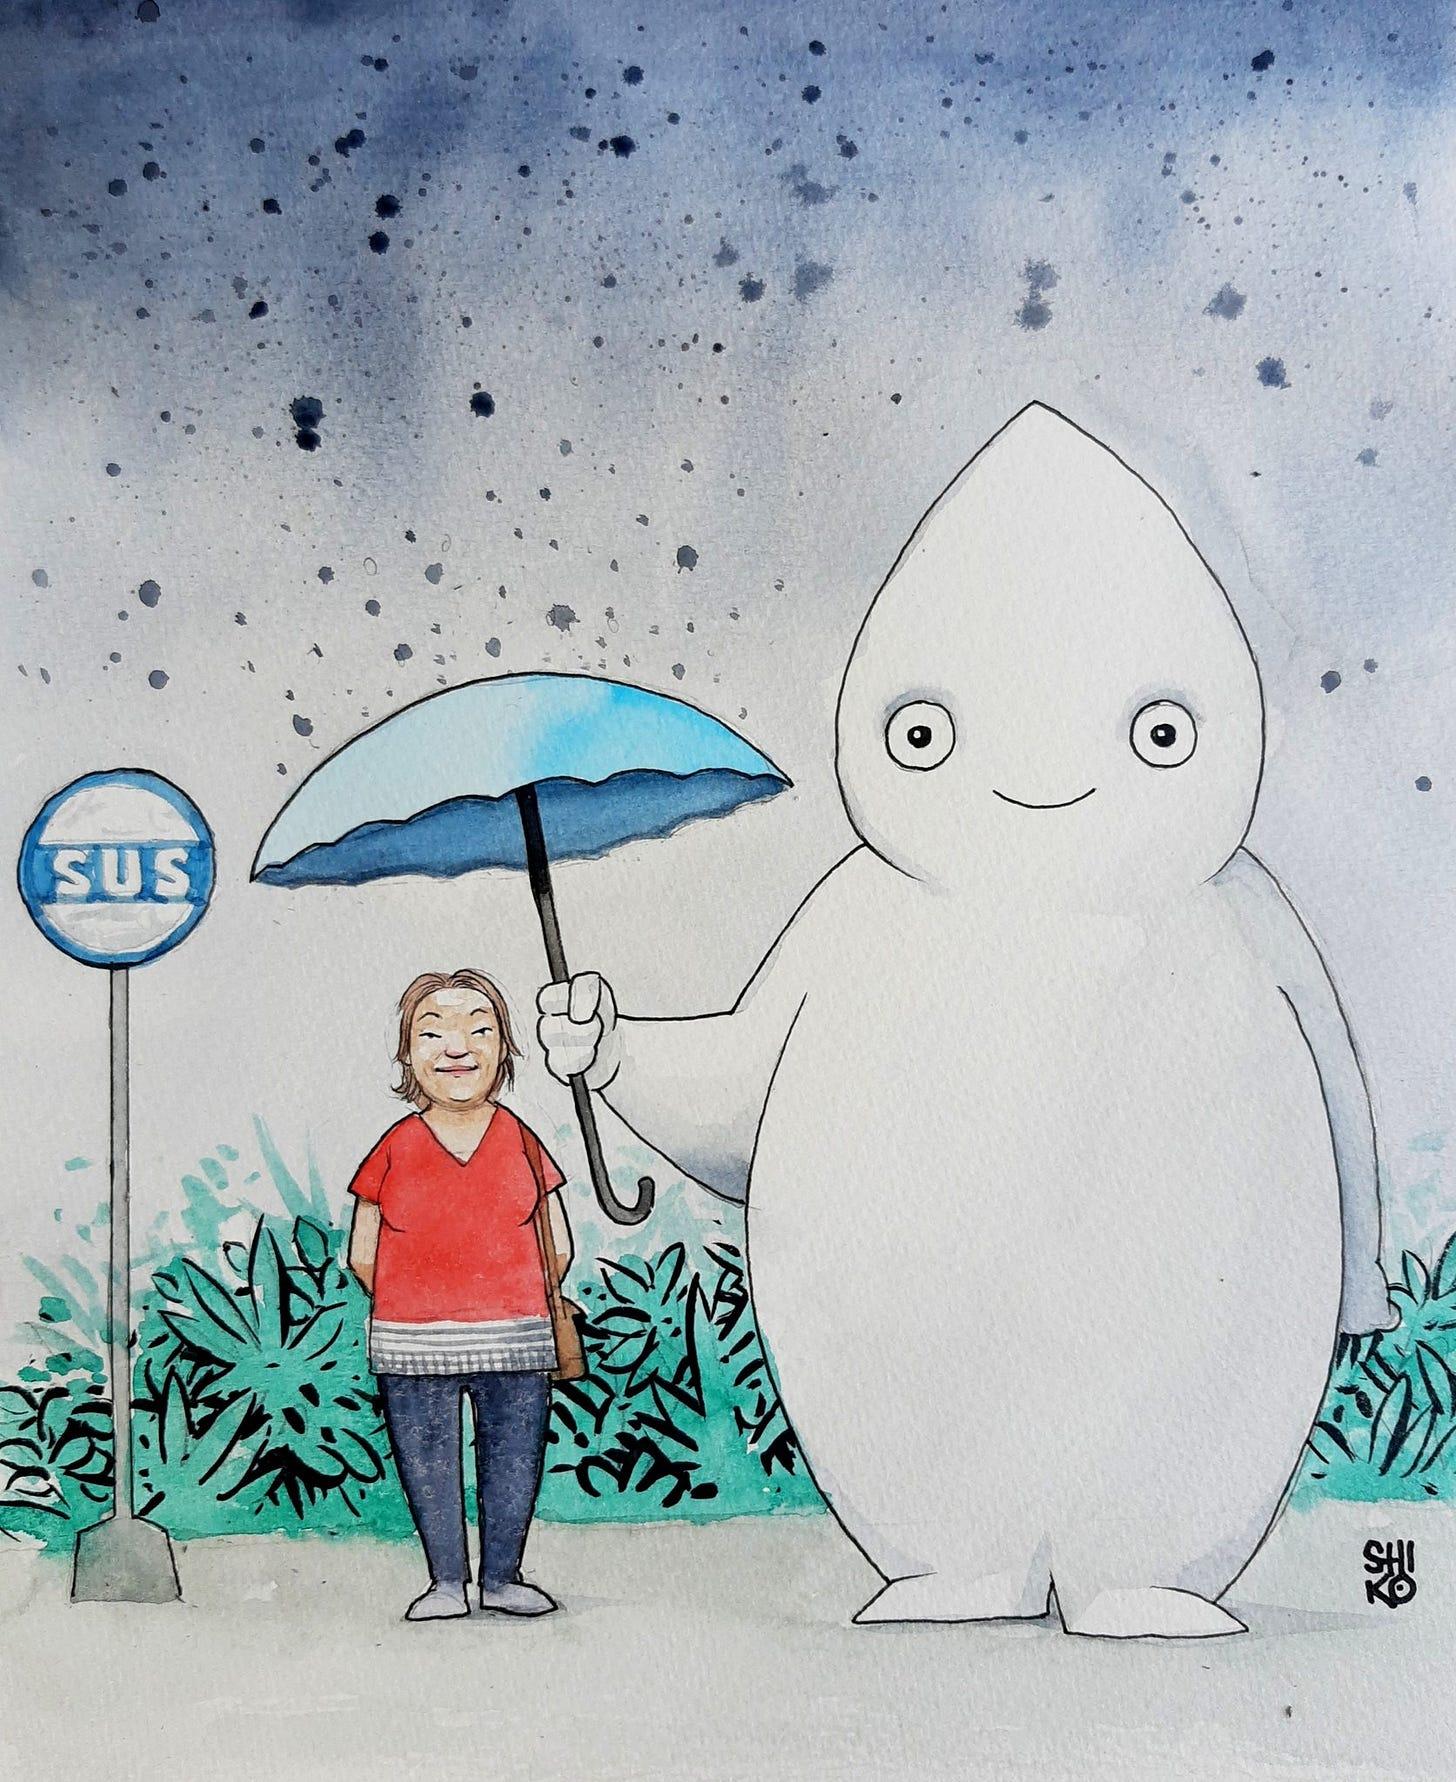 Ilustração remetendo à icônica cena de Meu amigo Totoro, de Miyazaki, em que um gato gigante segura um guarda-chuva para uma garotinha no ponto de ônibus. em vez disso, um Zé Gotinha gigante segurando um guarda-chuva para proteger uma senhora, ao lado de uma placa escrito SUS.